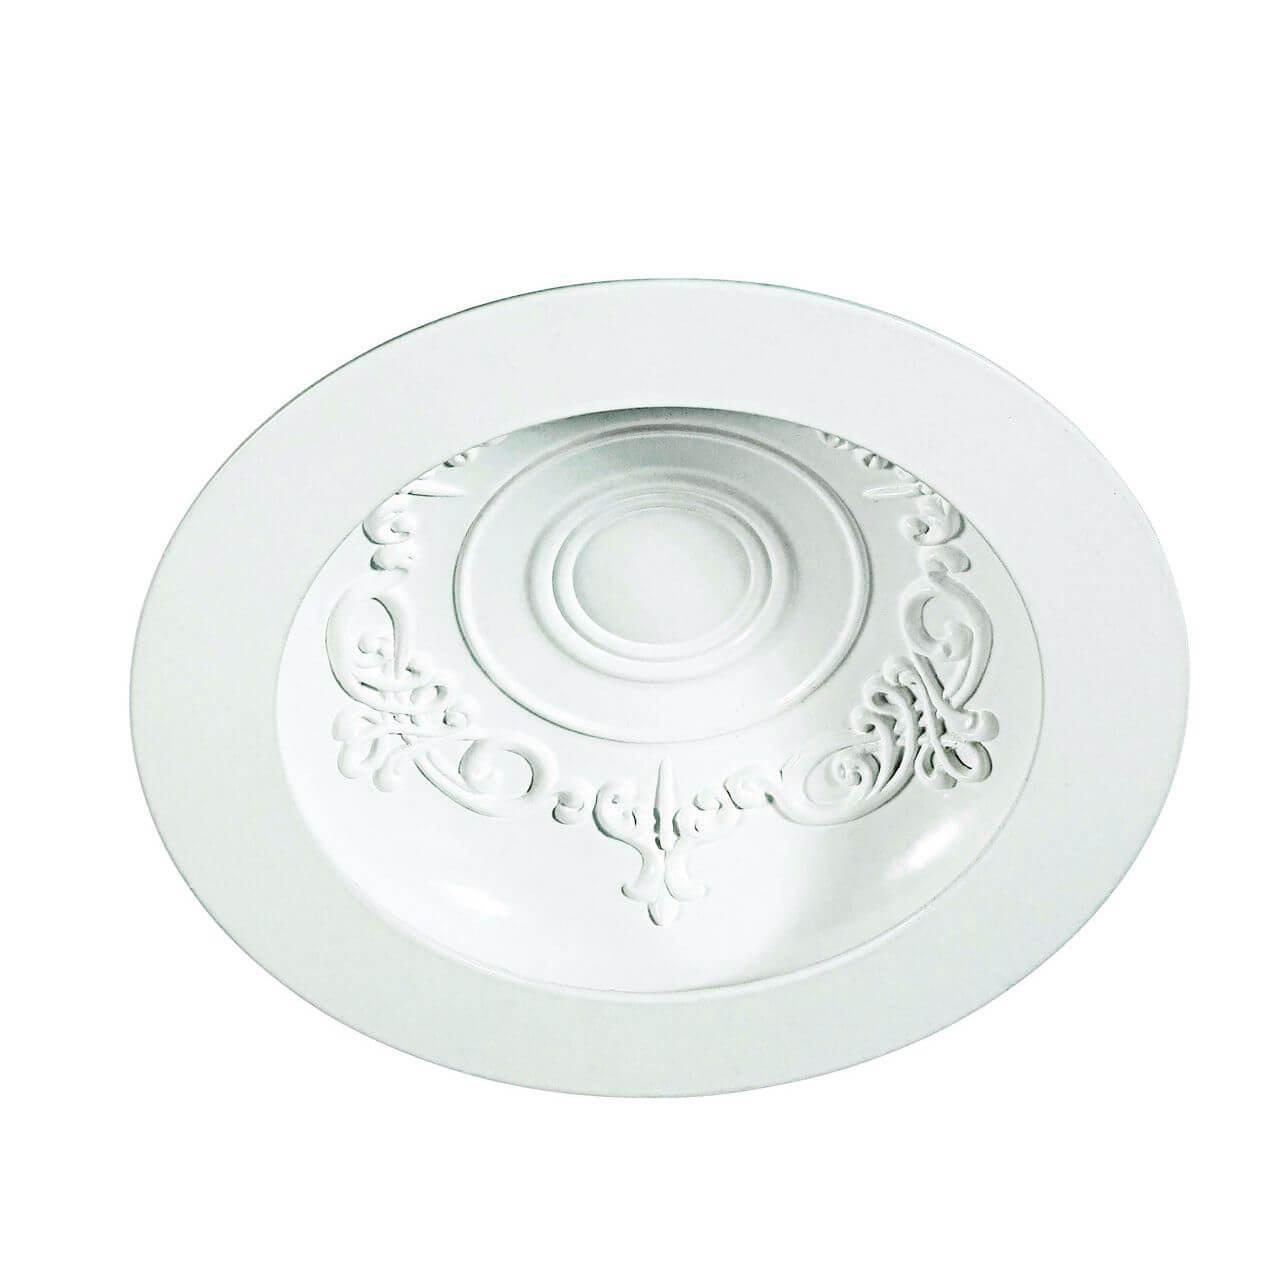 Встраиваемый светильник Novotech 357355, LED, 7 Вт